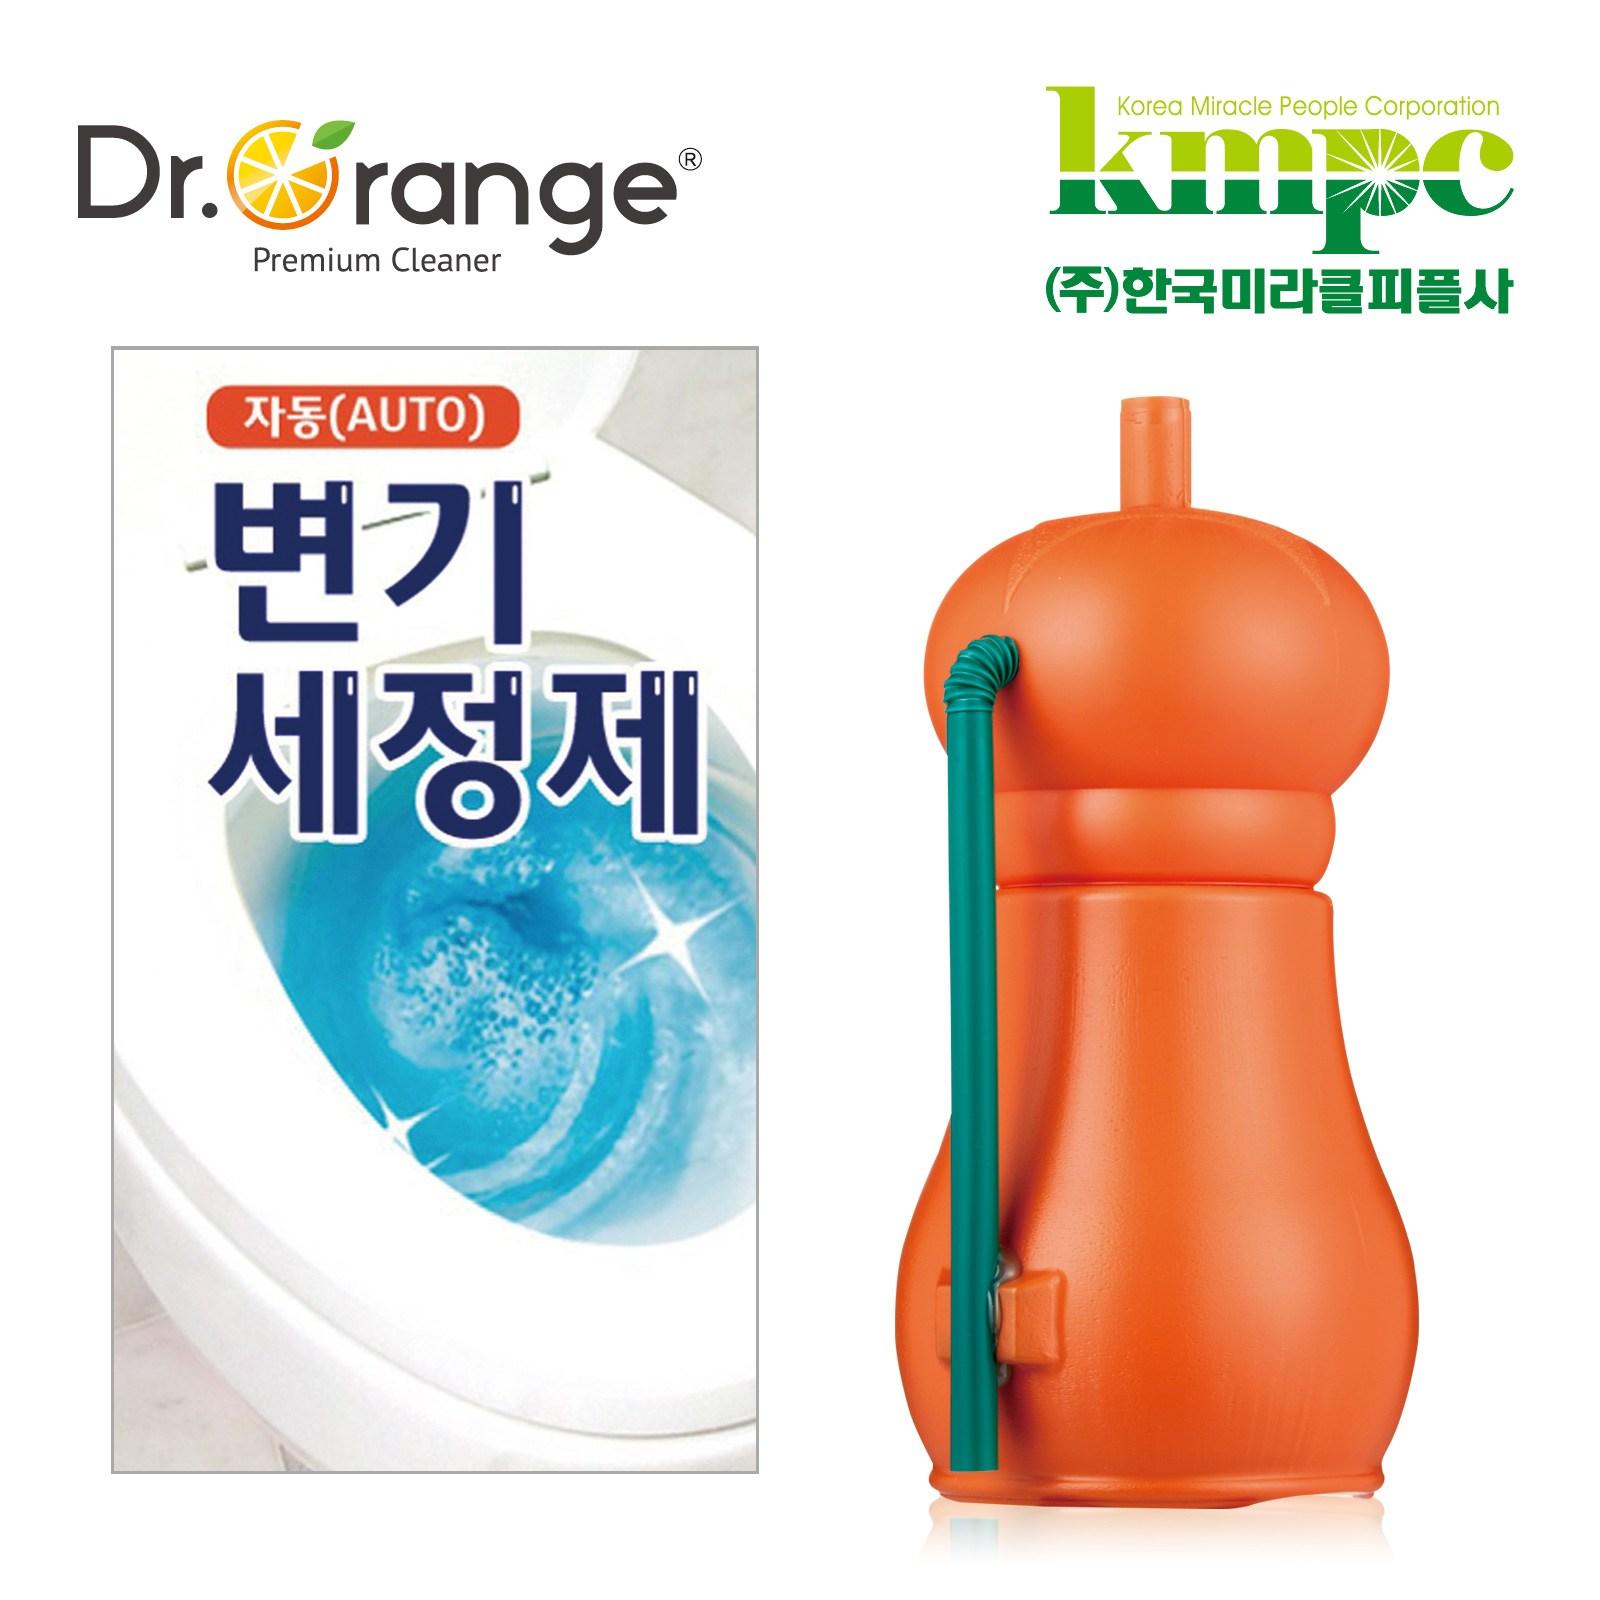 닥터오렌지 자동 변기세정제 (오렌지향) 항균+세정+탈취+방향+재오염방지, 1개, 100g